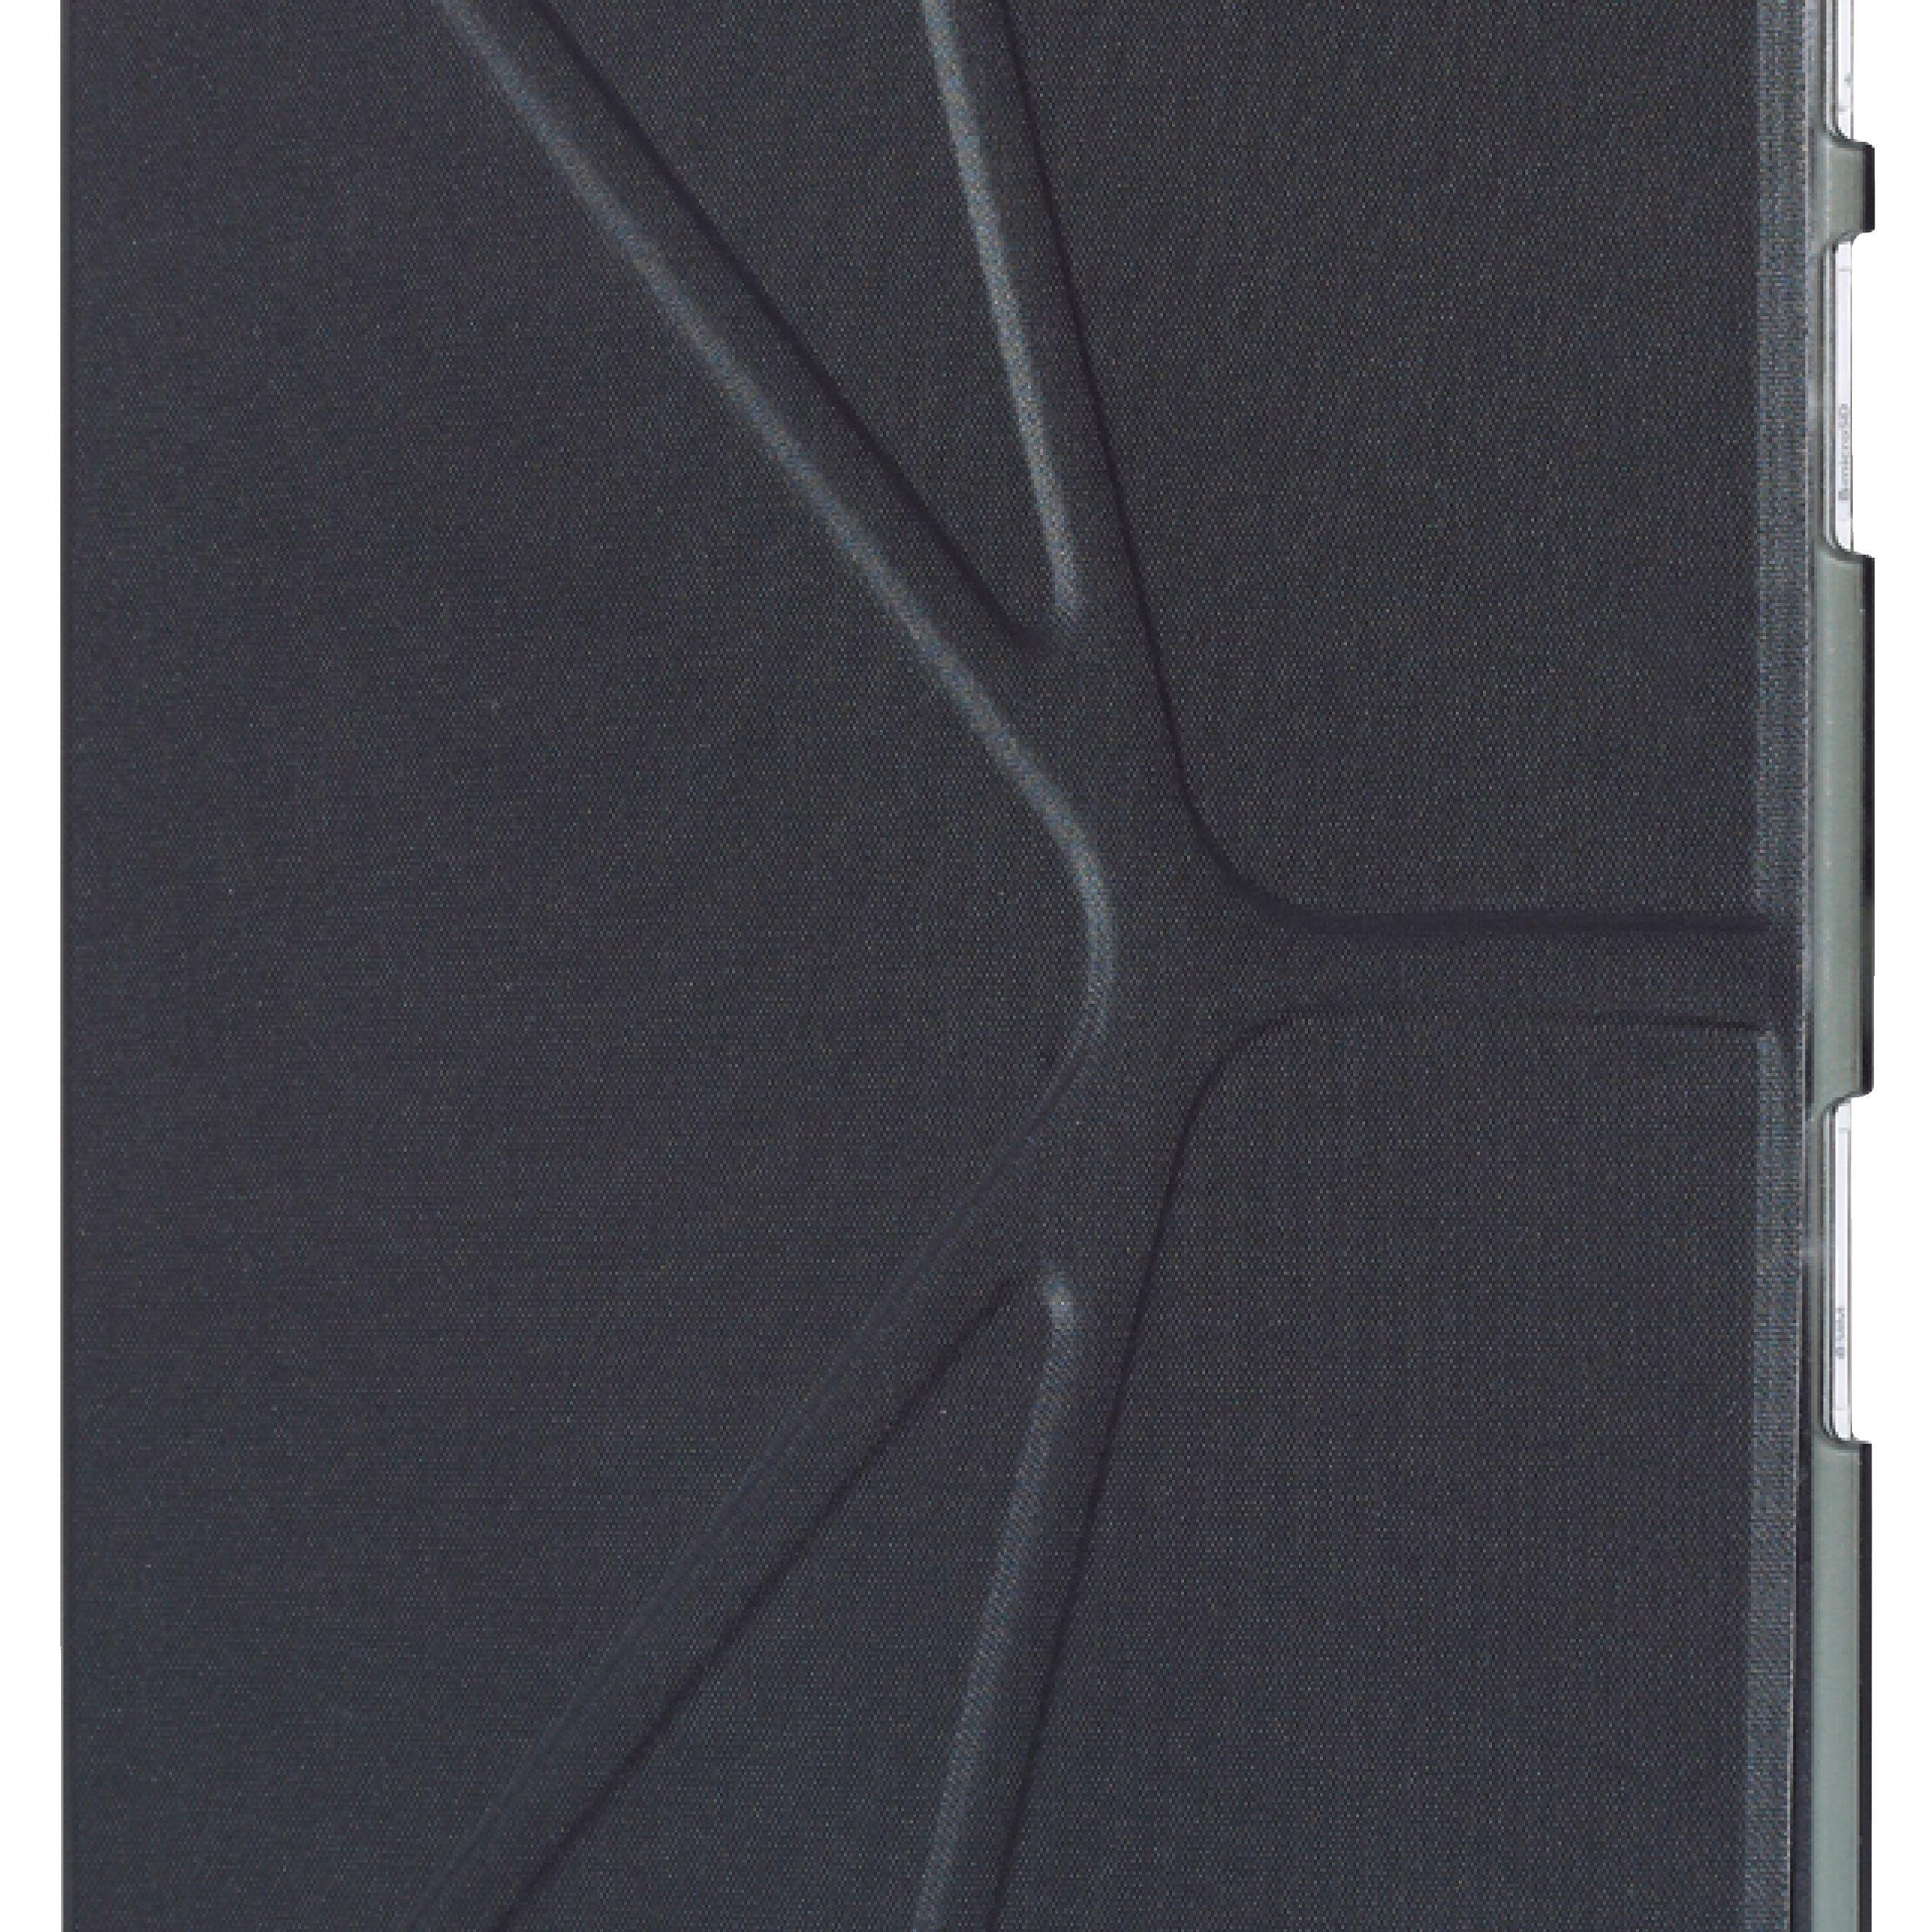 """Billede af Tablet Folie Samsung Galaxy Tab 4 10.1"""" Sort"""